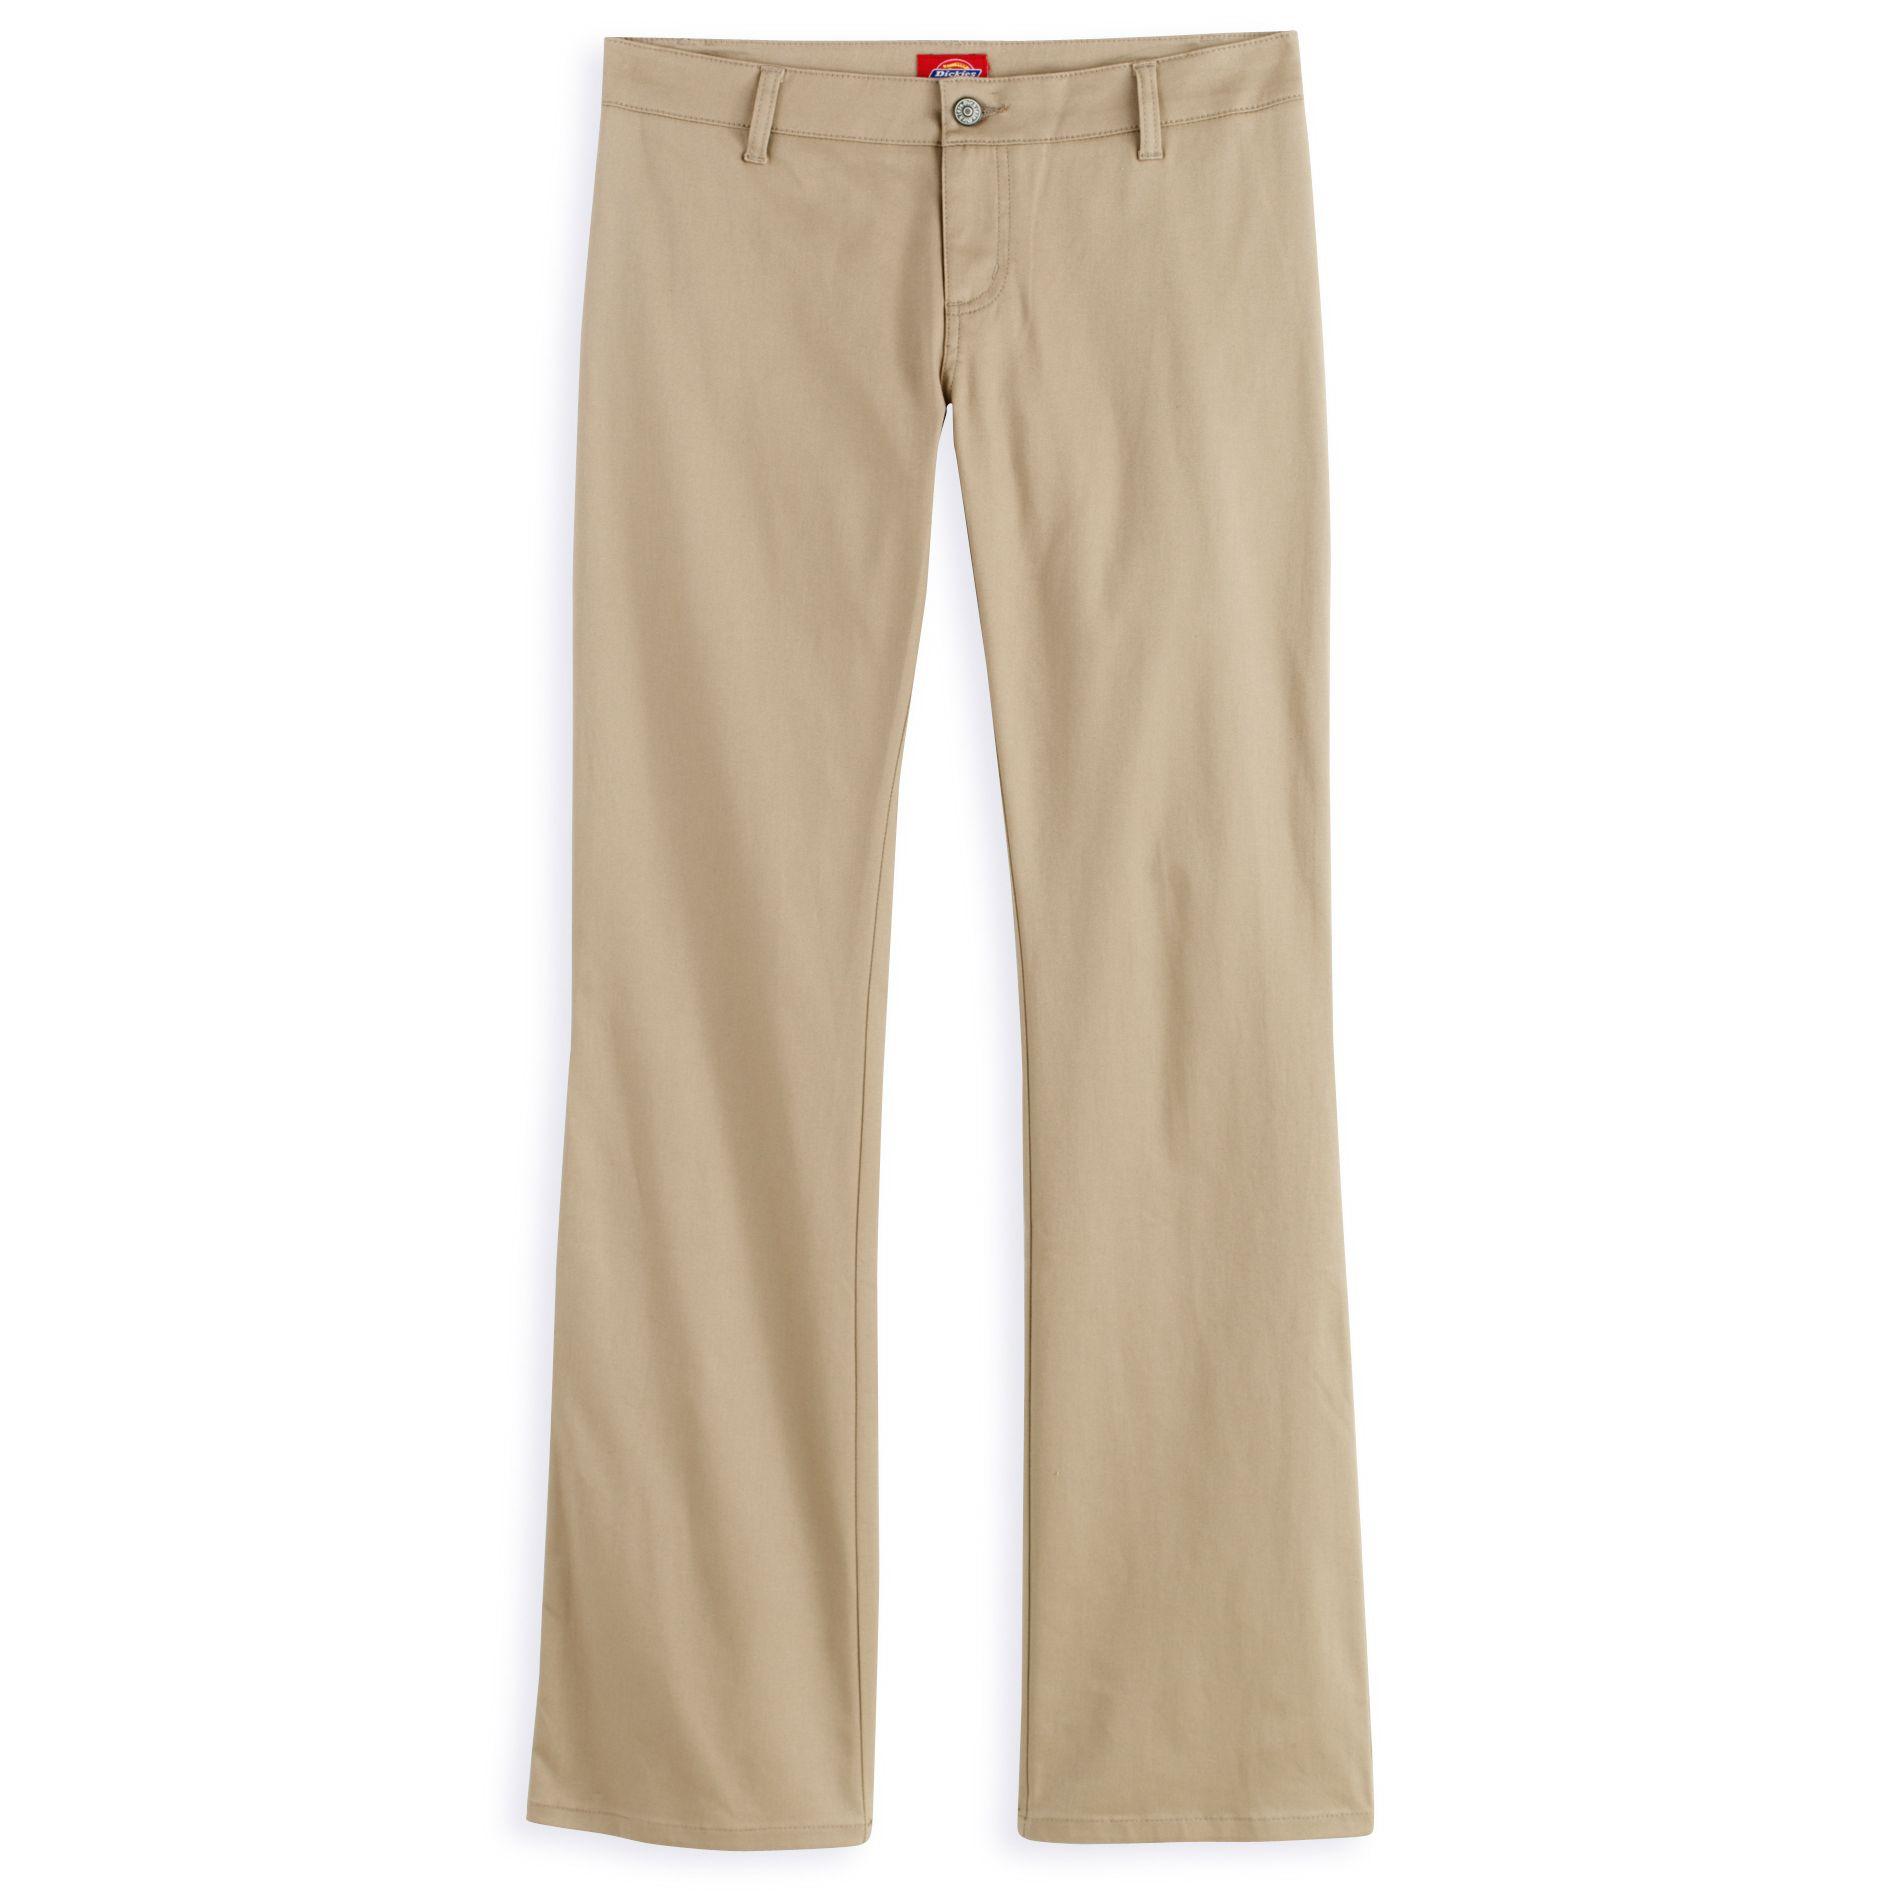 Dickies Juniors' Twill Worker Pants